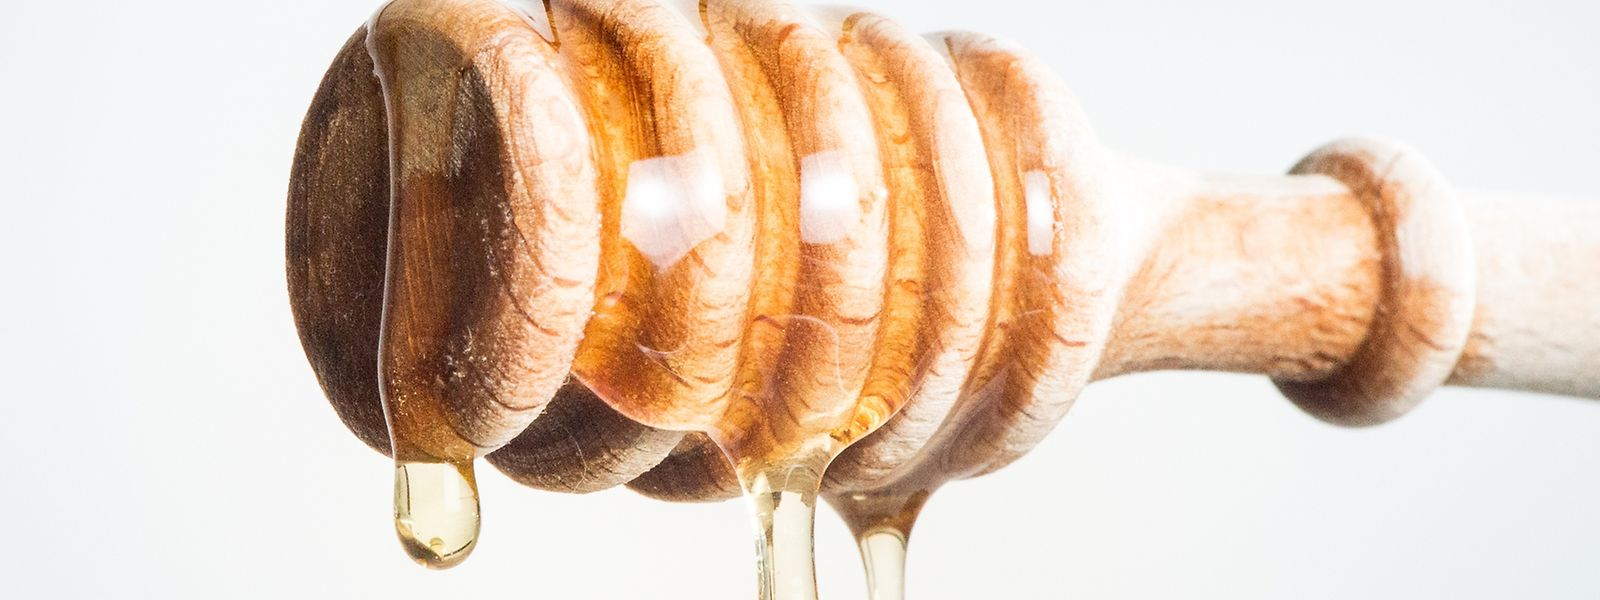 Feiner Süßmacher:Honig enthält hauptsächlich Zucker, ist aber ein klein wenig kalorienarmer als Industriezucker.